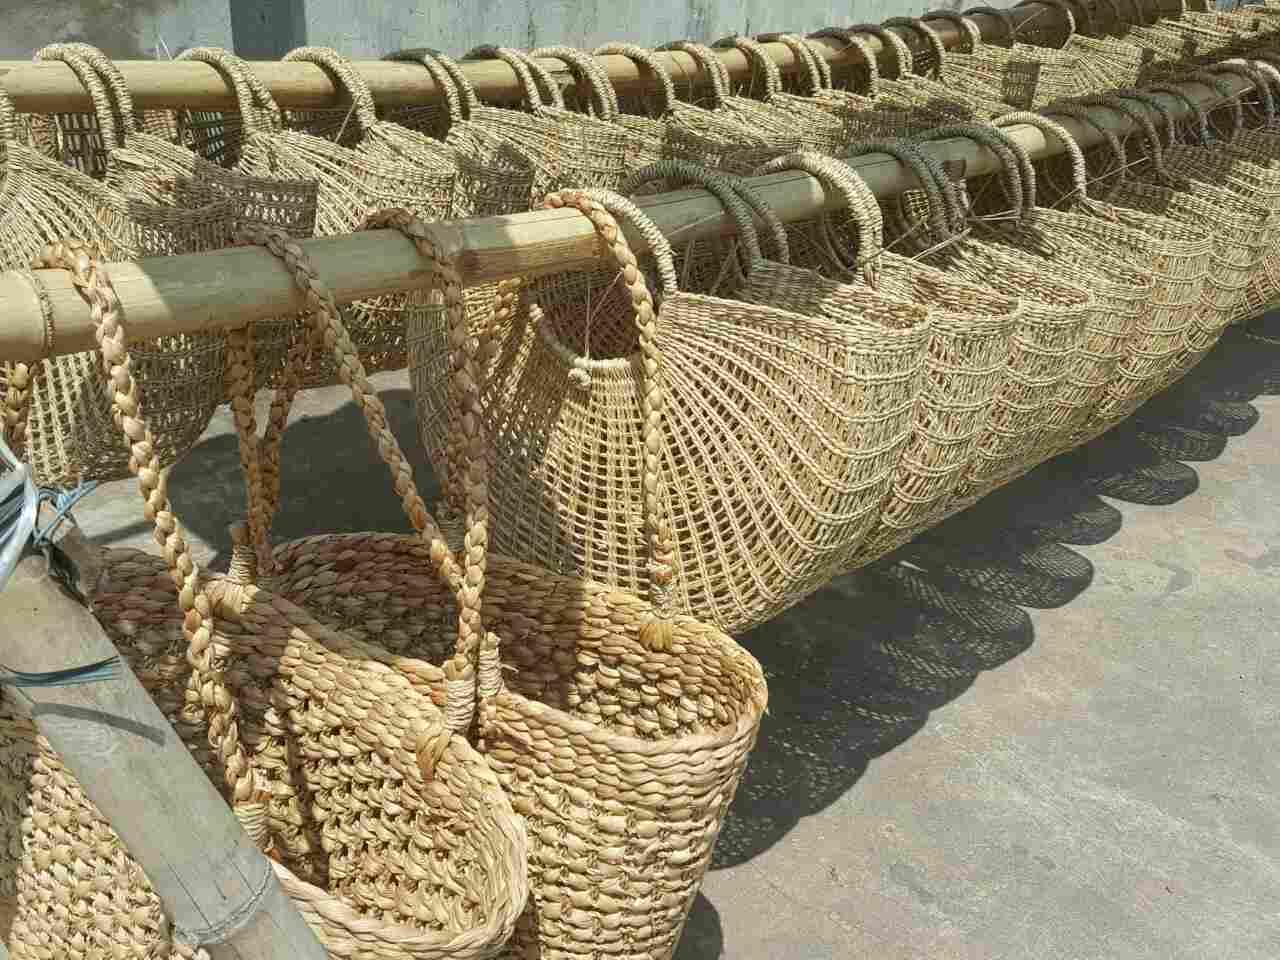 Hướng dẫn bảo quản và xử lý các sản phẩm từ cói